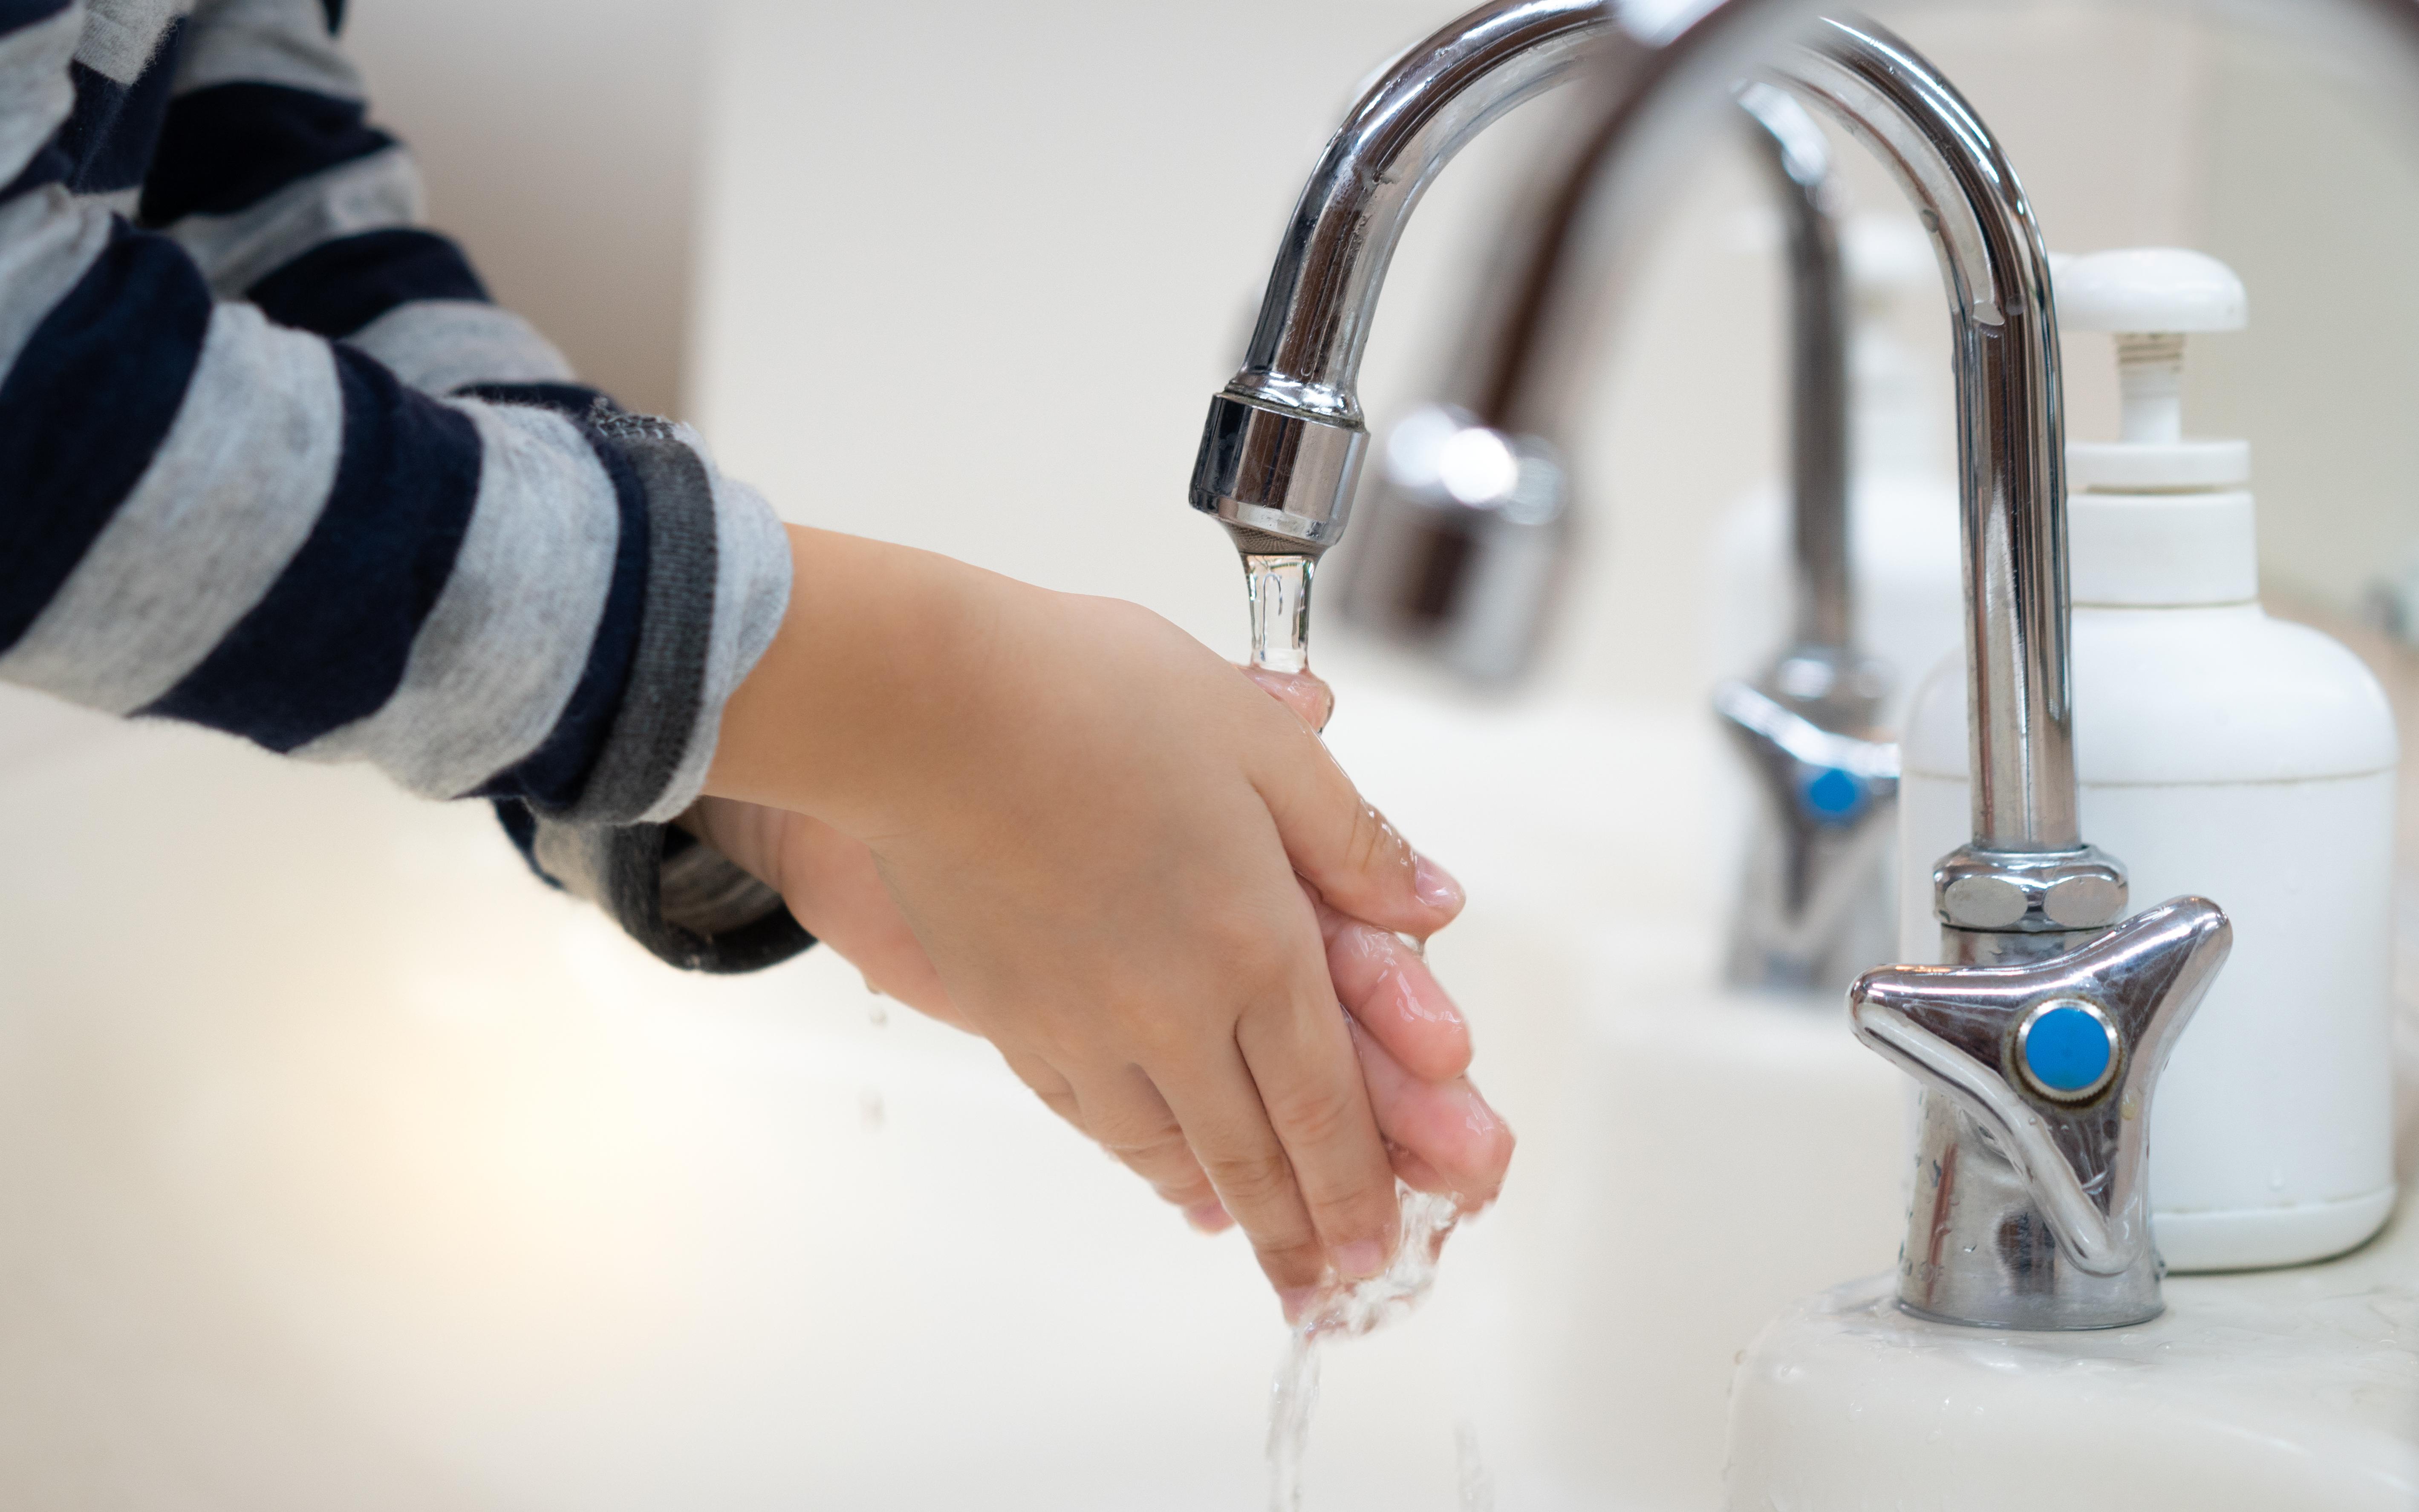 Tvätta händerna mycket noggrant och ofta. Var noga med att inte missa ovansidan av handen, runt tummen, mellan fingrarna, runt naglarna och handlederna.